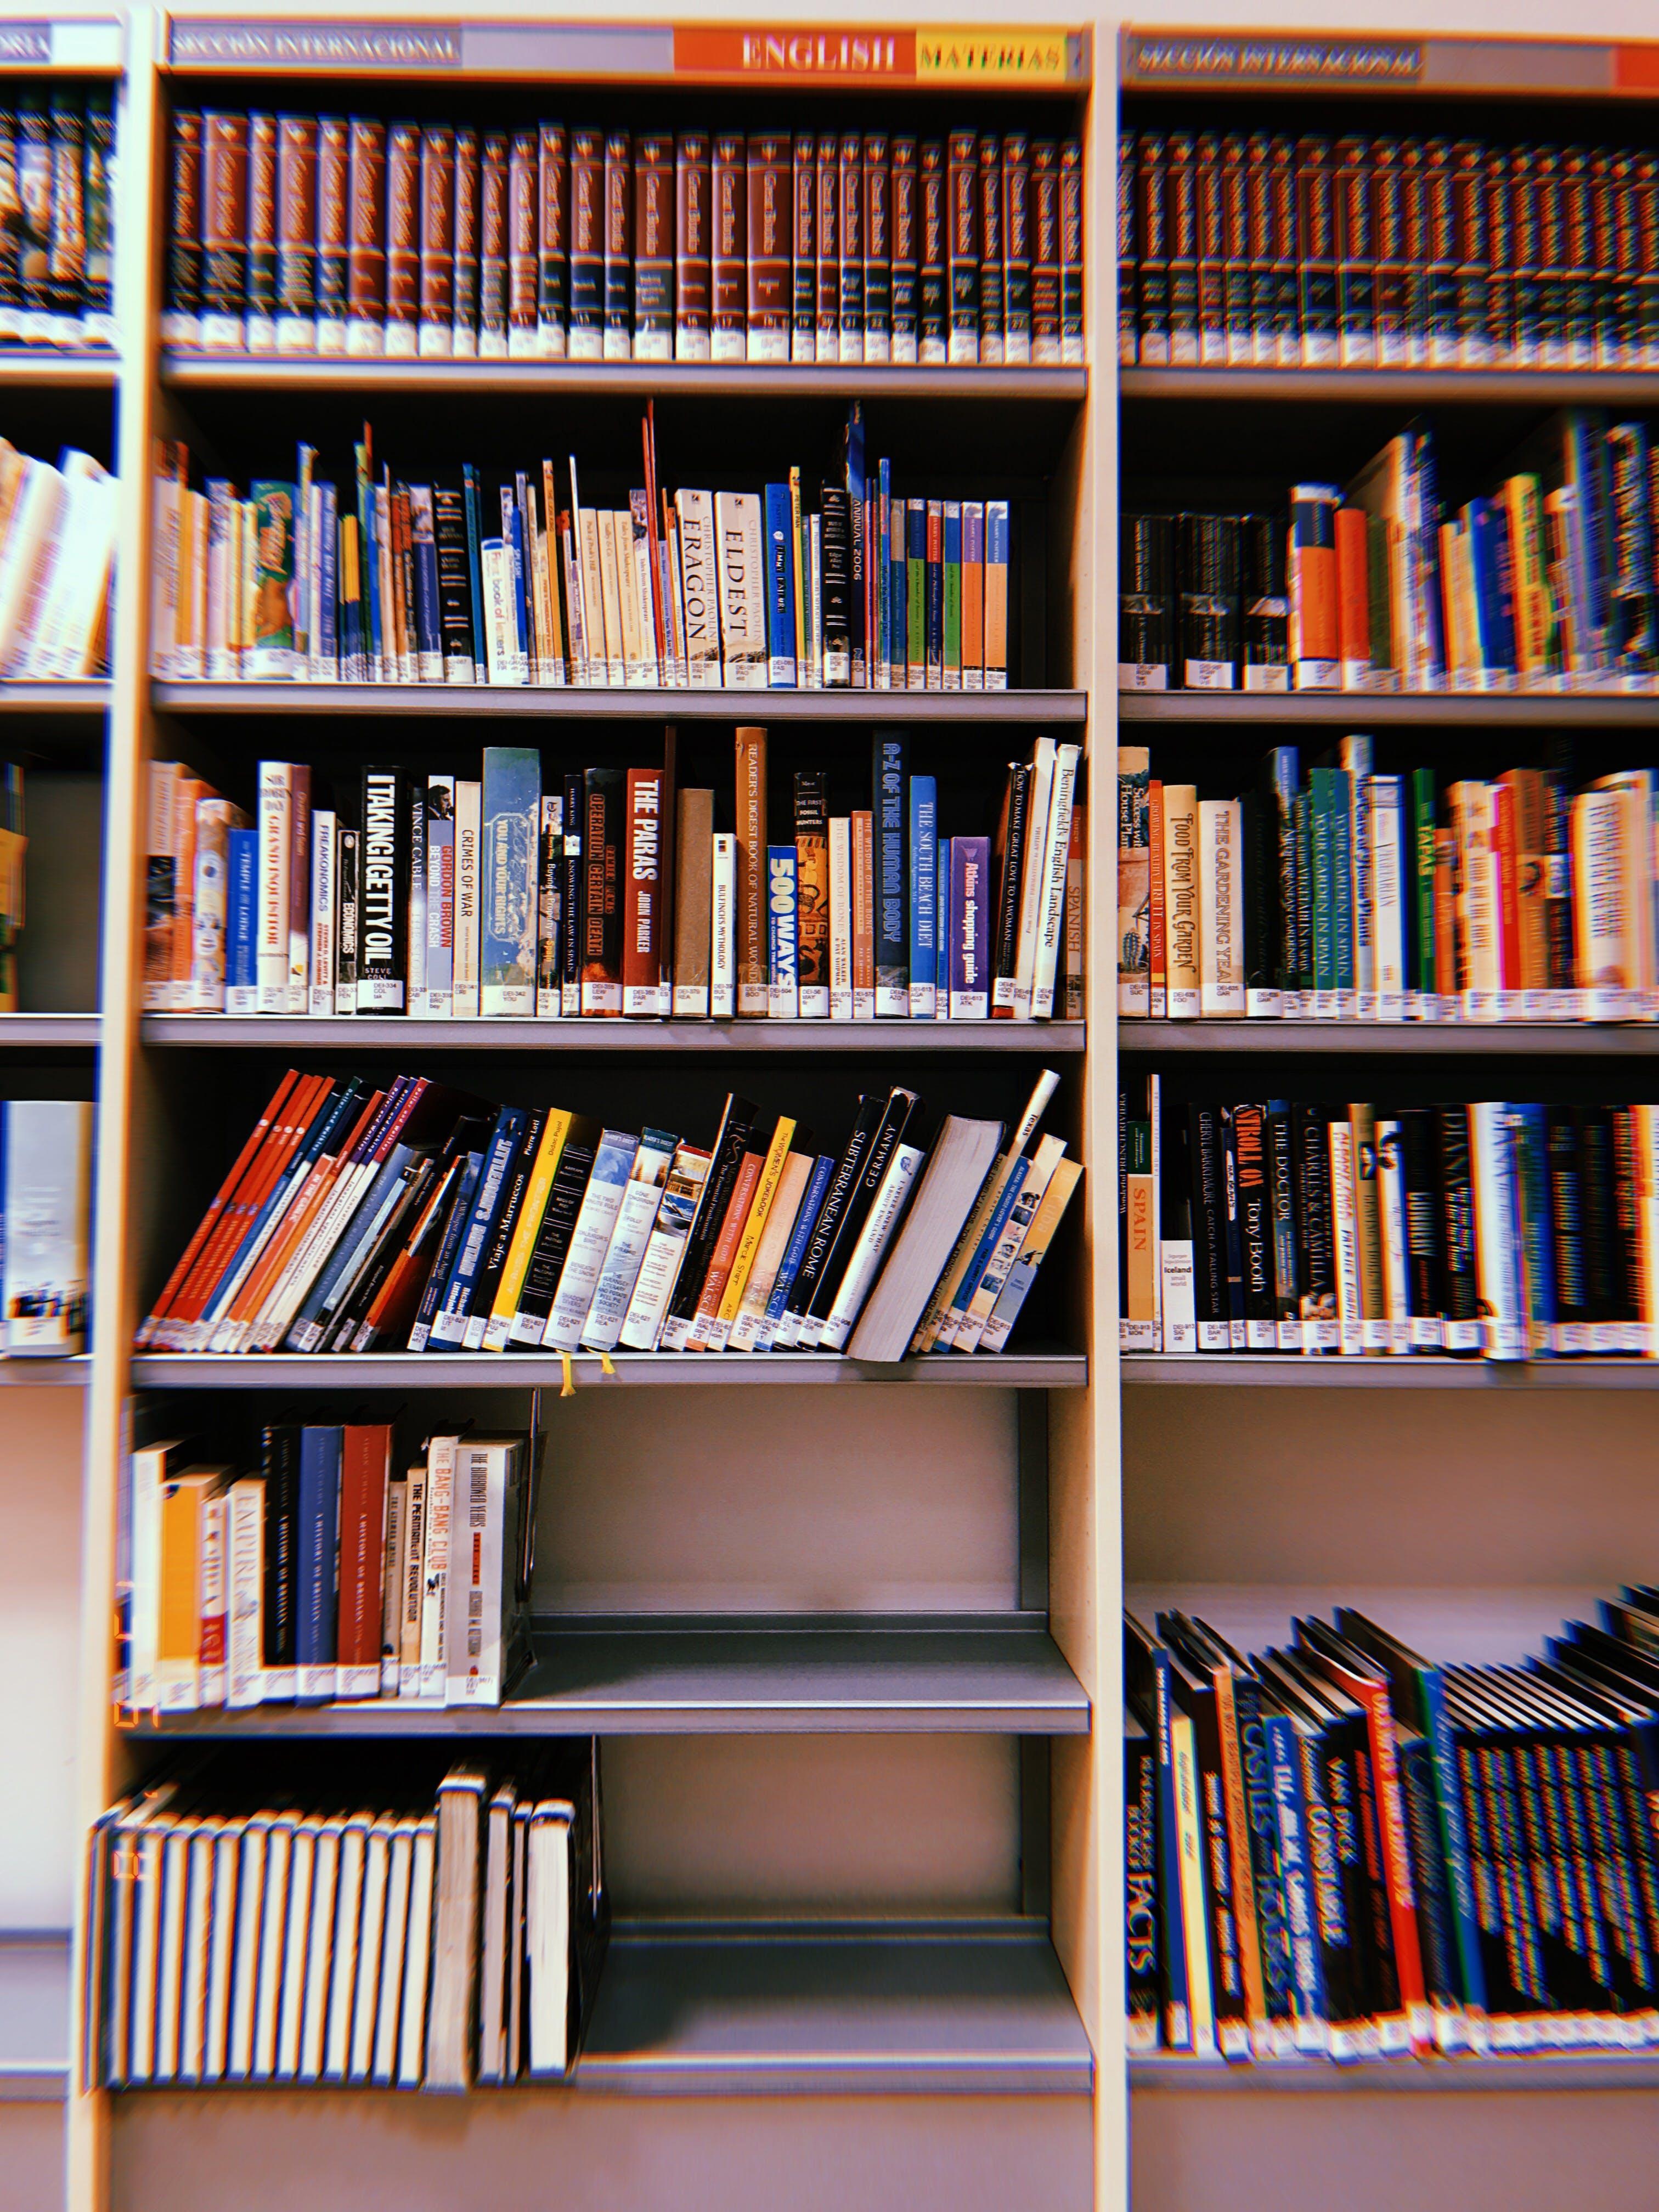 Gratis stockfoto met bibliotheek, boeken, boekenkast, boekenkasten